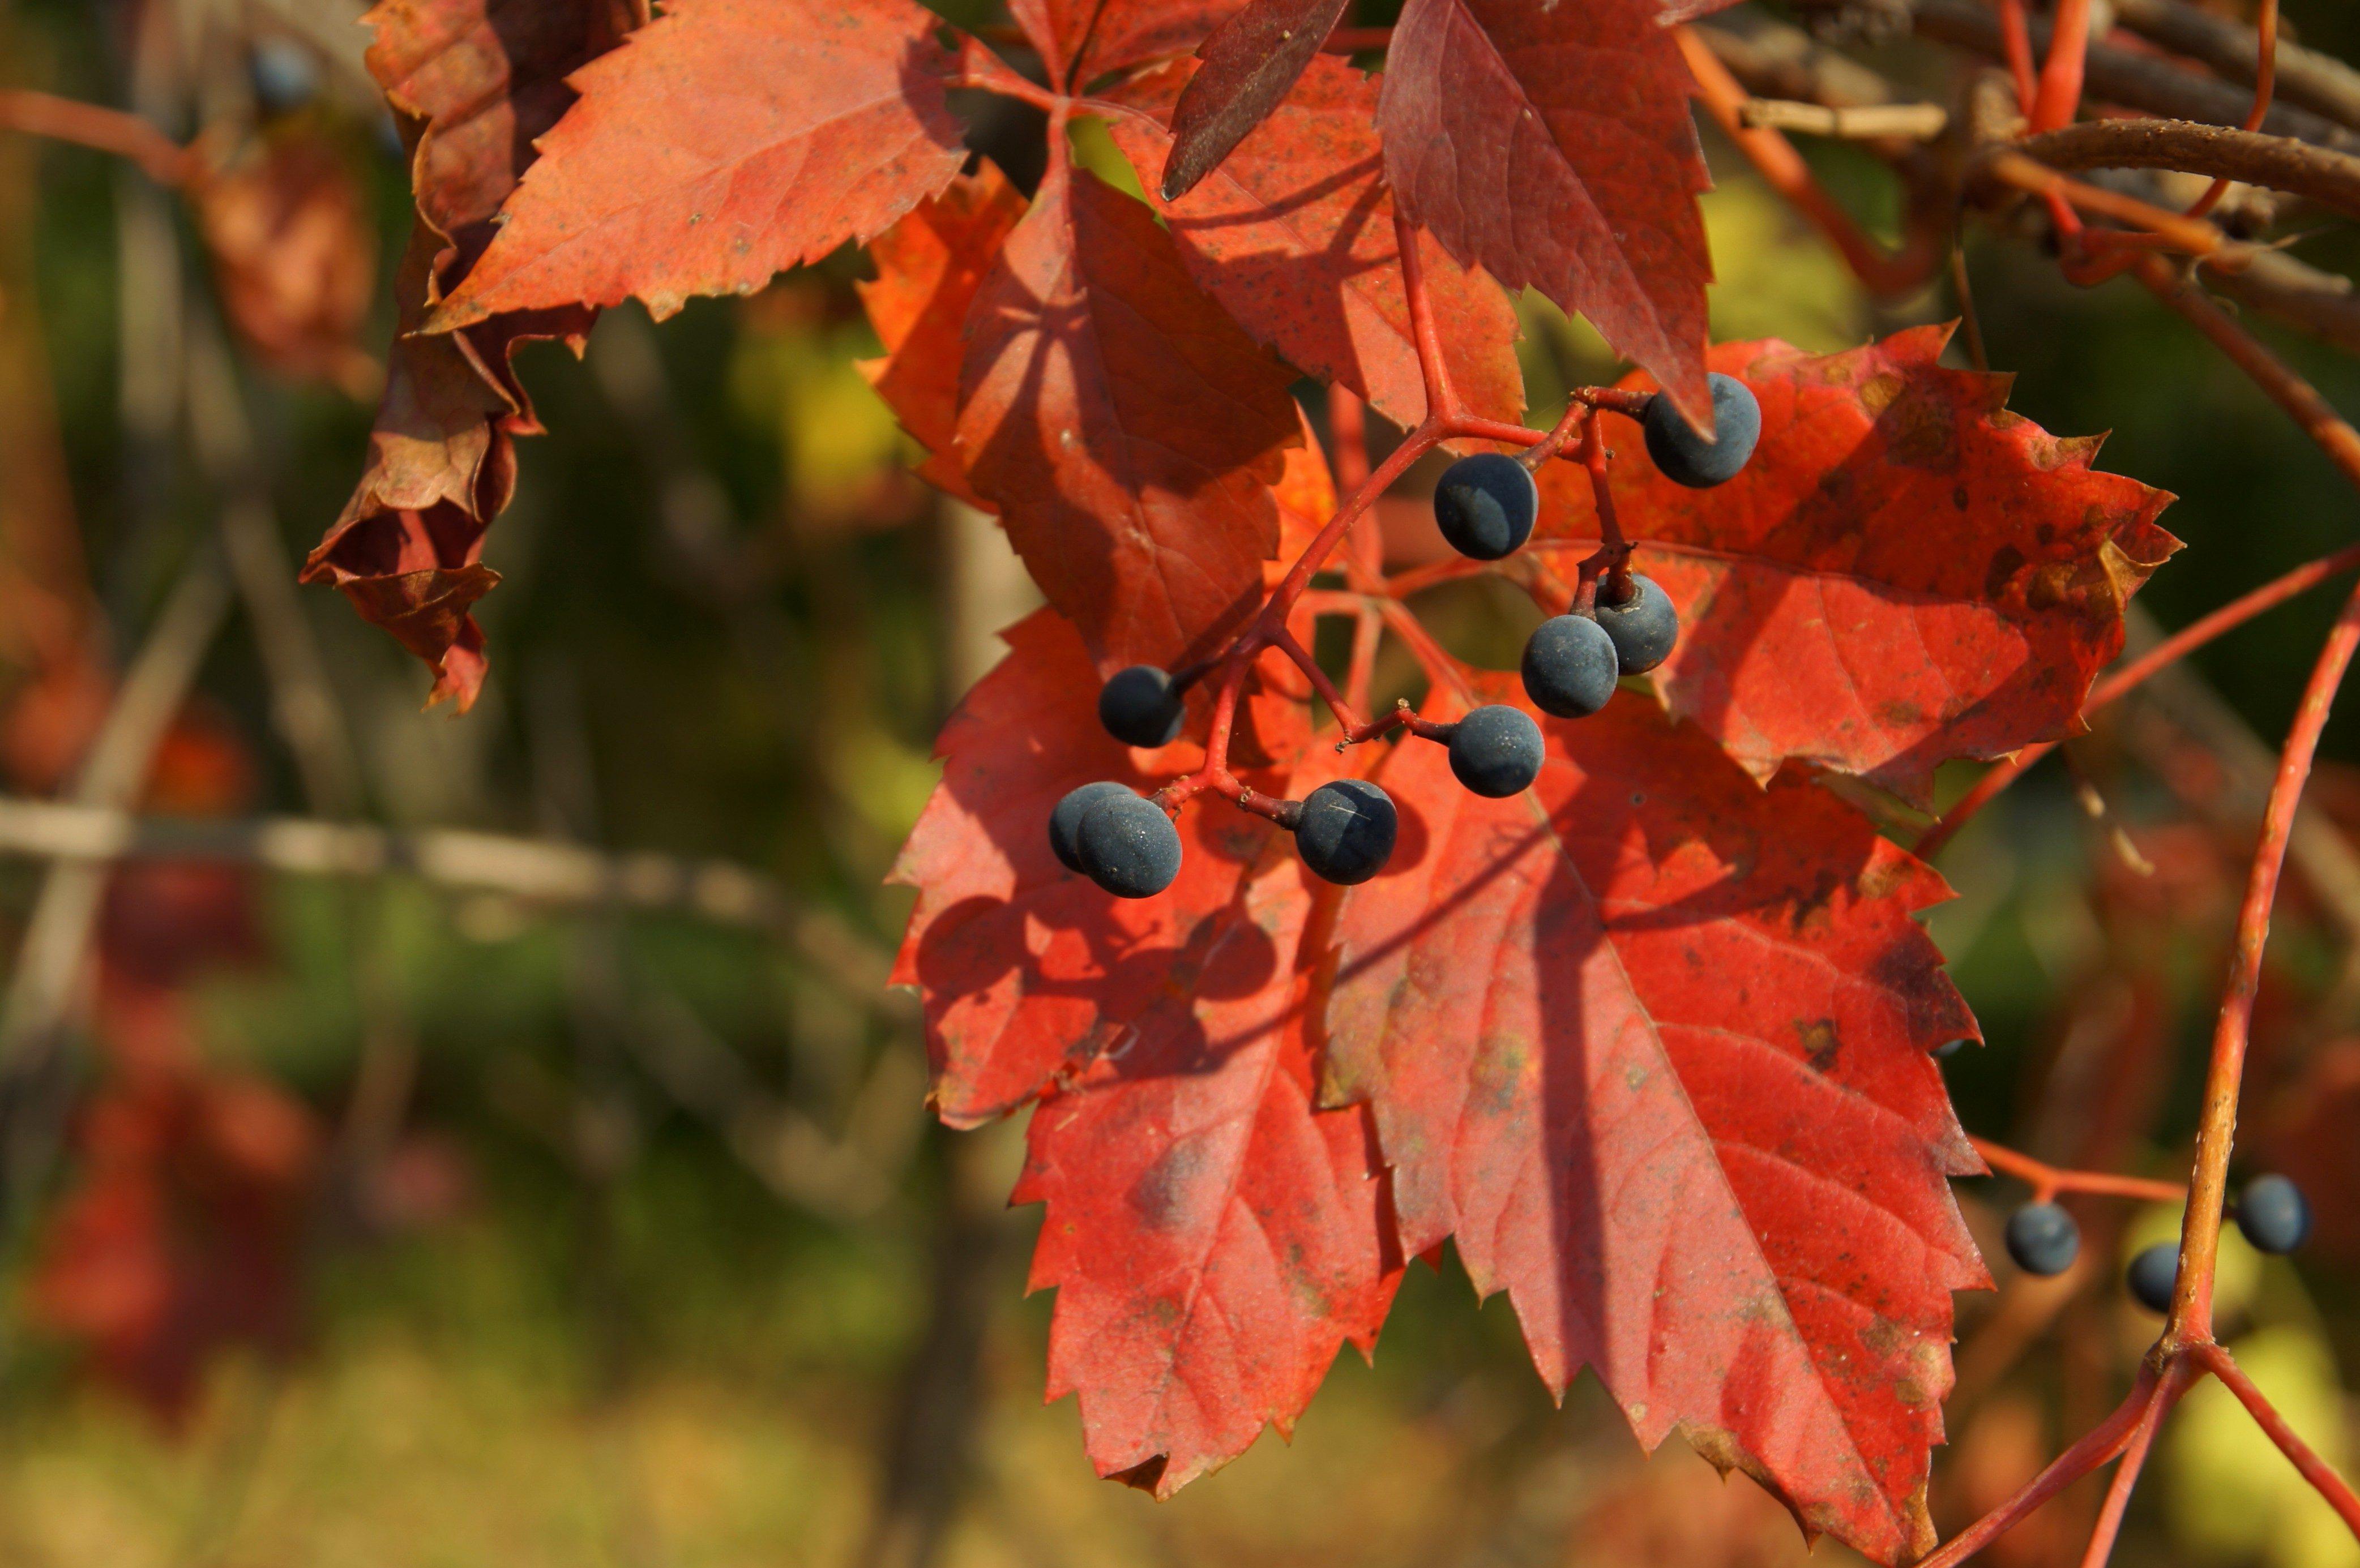 Kostenlose Bild: wildem Wein, rote Blätter, Früchte, Herbst